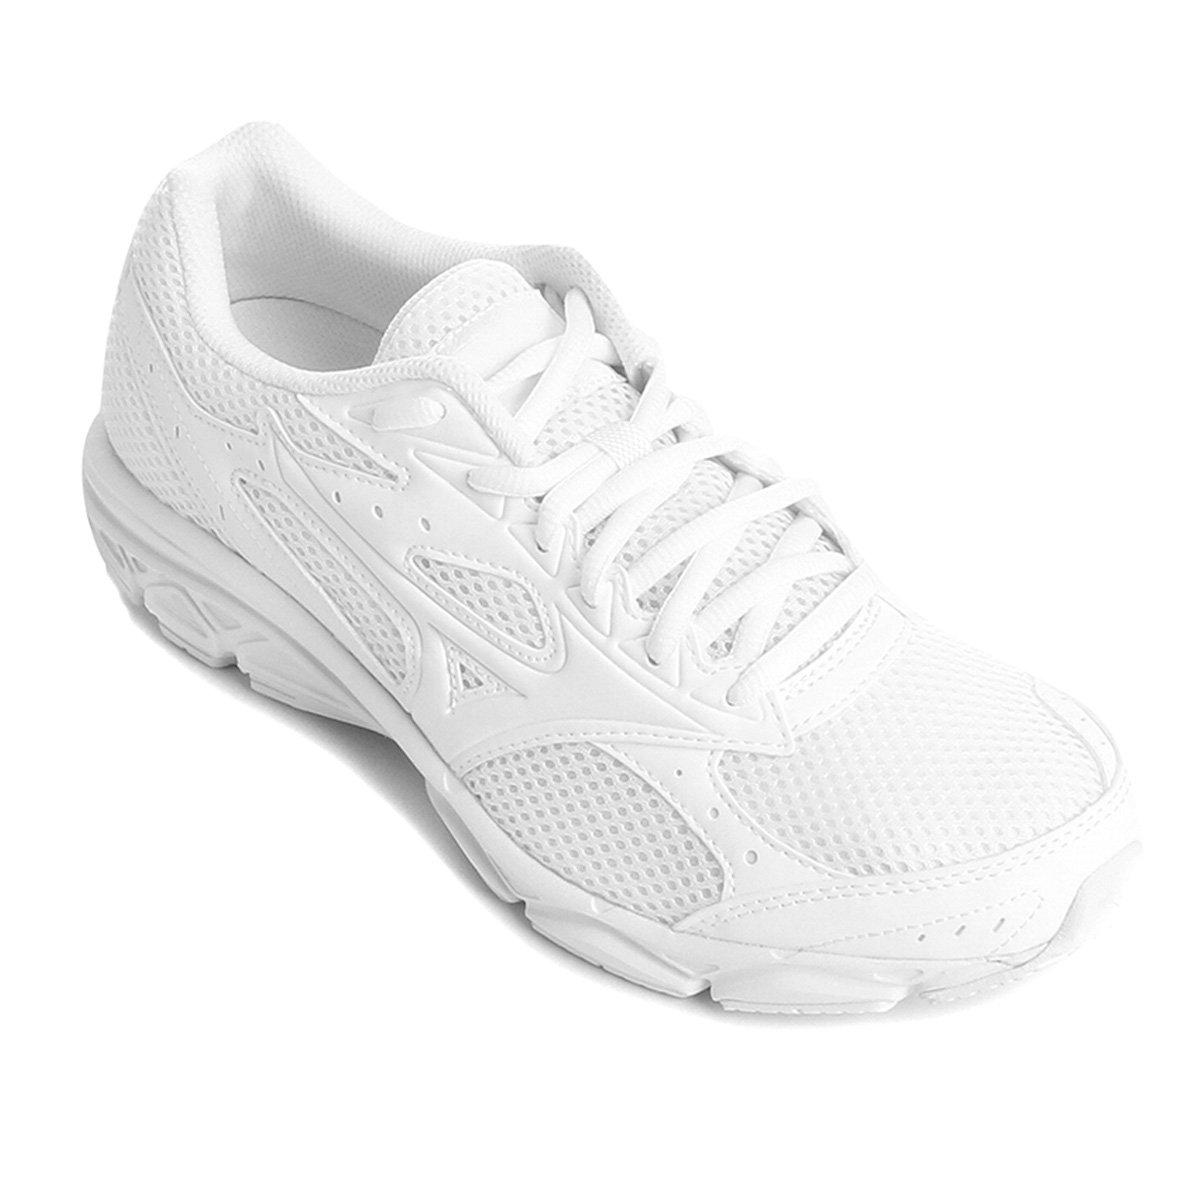 Tênis Mizuno Maximizer 20 Masculino - Branco - Compre Agora ... 0be6eaa05cf41